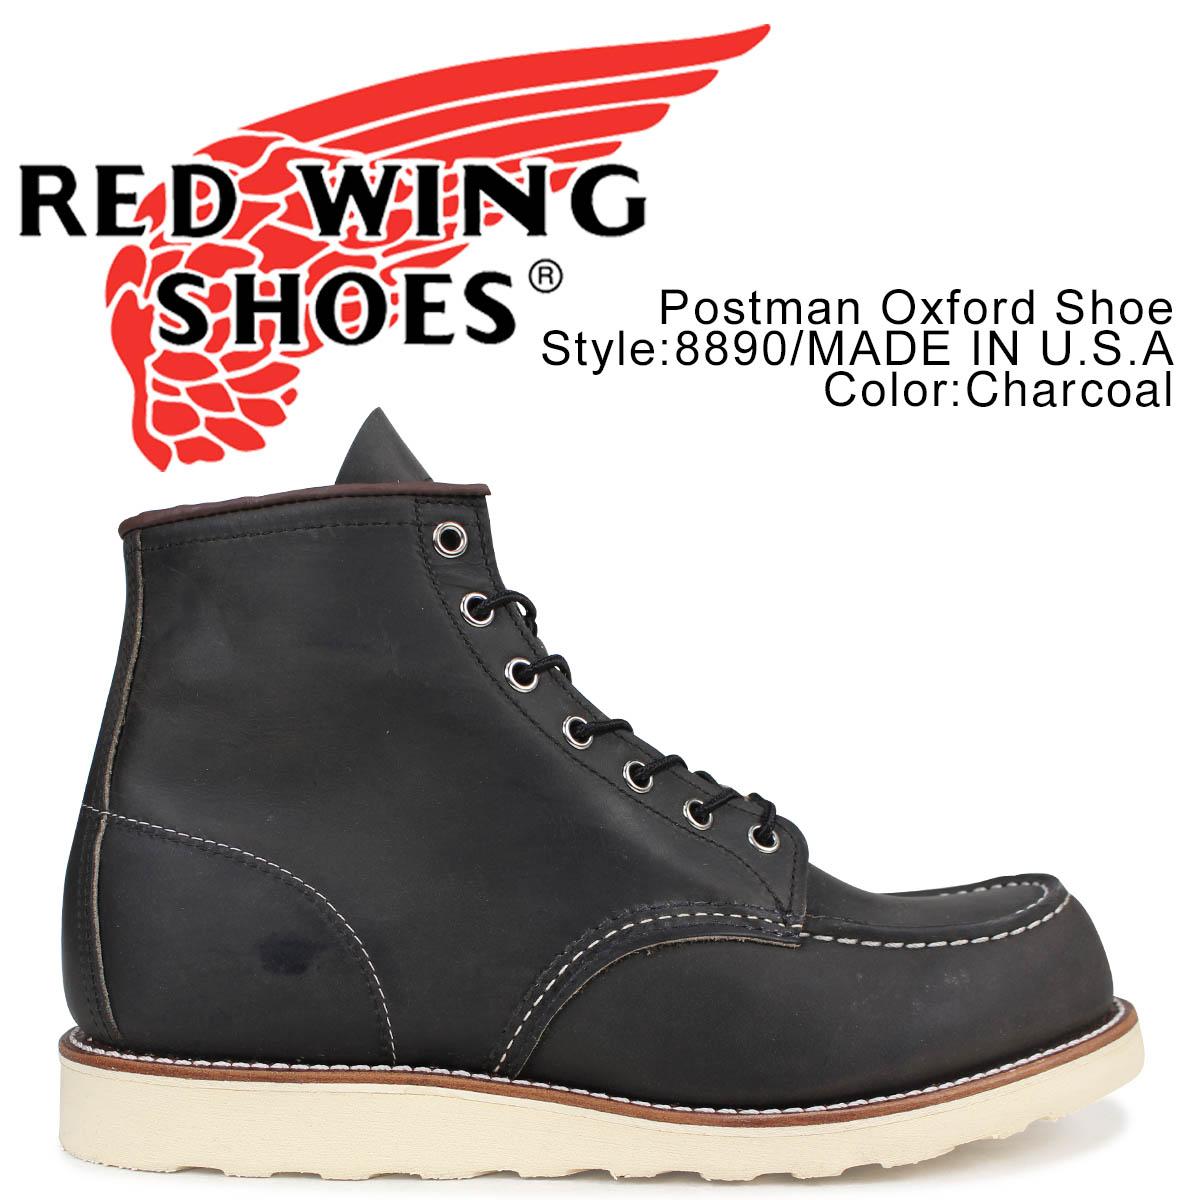 RED WING レッドウィング ブーツ アイリッシュセッター 6INCH CLASSIC MOC 6インチ クラシック モック Dワイズ 8890 レッドウイング メンズ